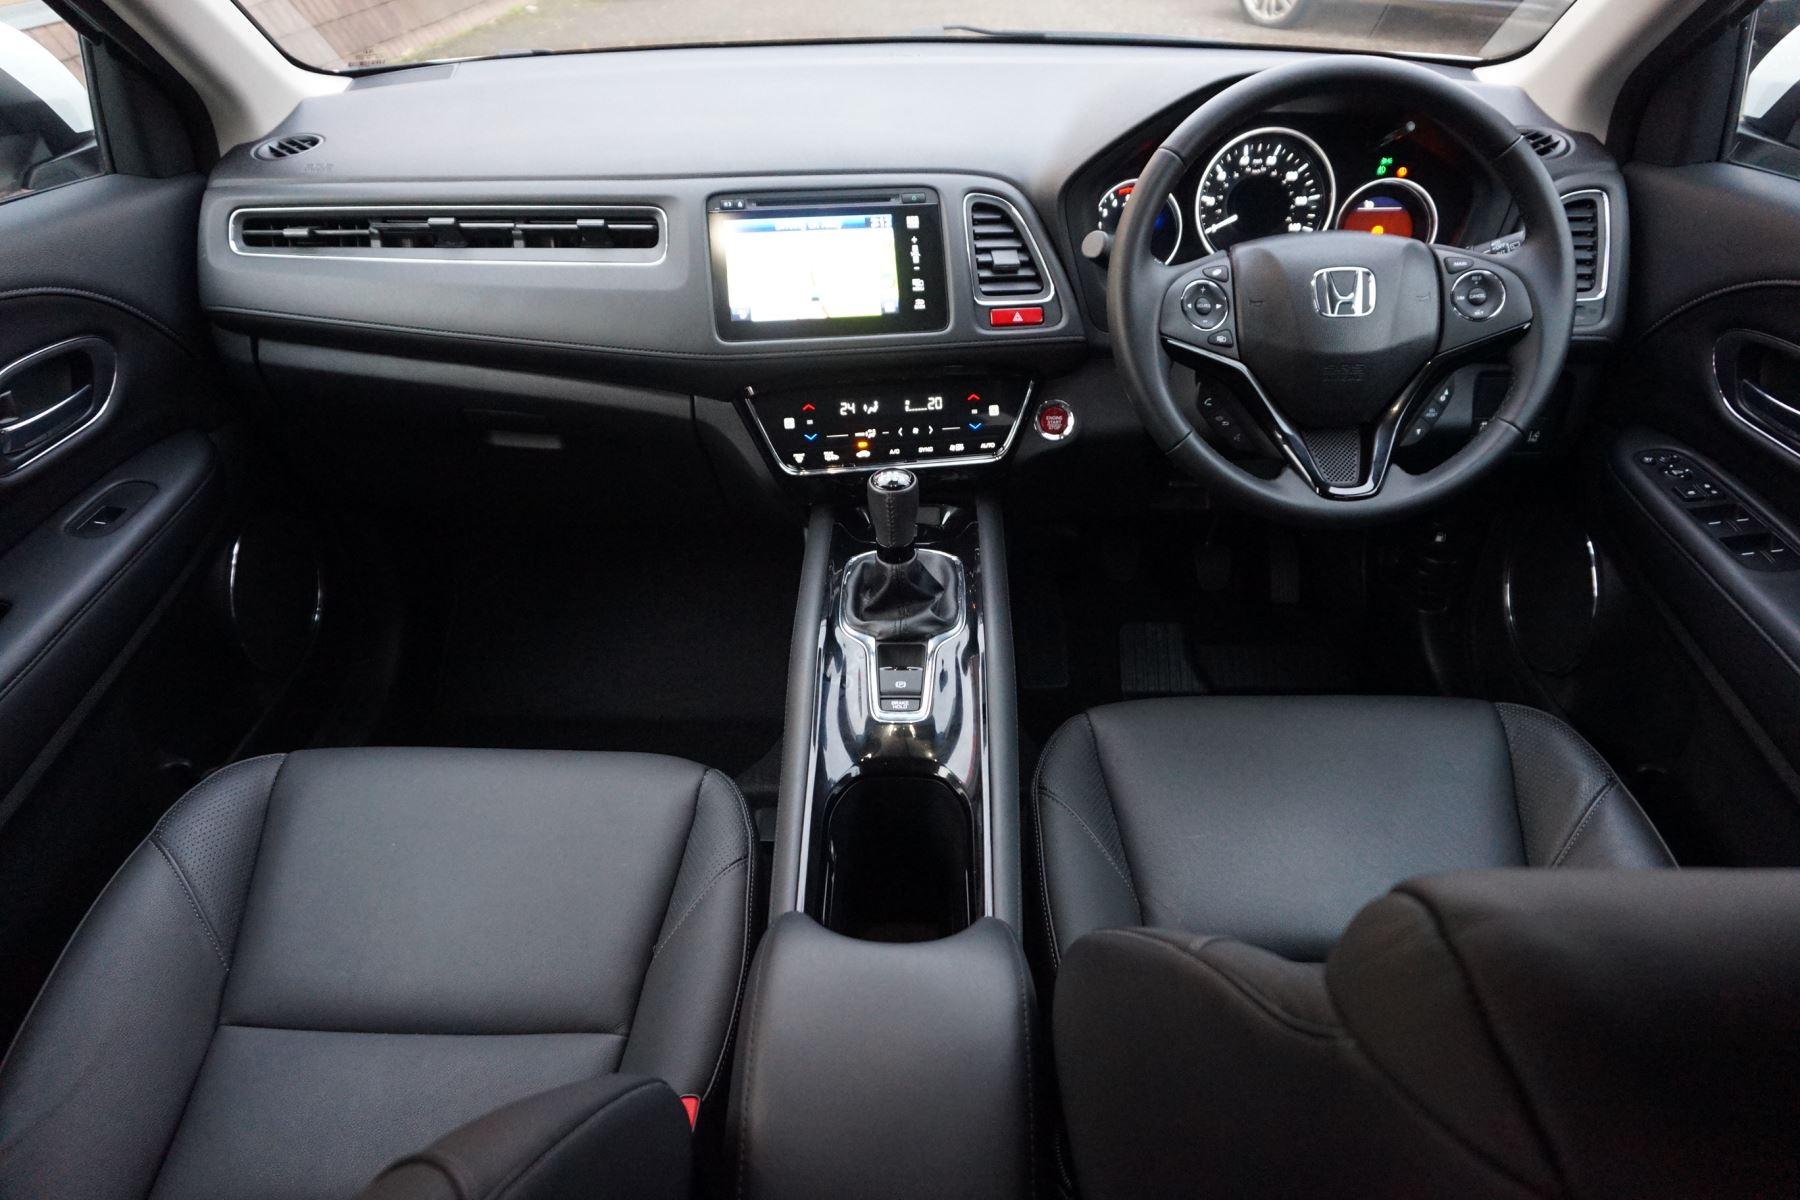 Honda HR-V 1.6 i-DTEC EX 5dr image 20